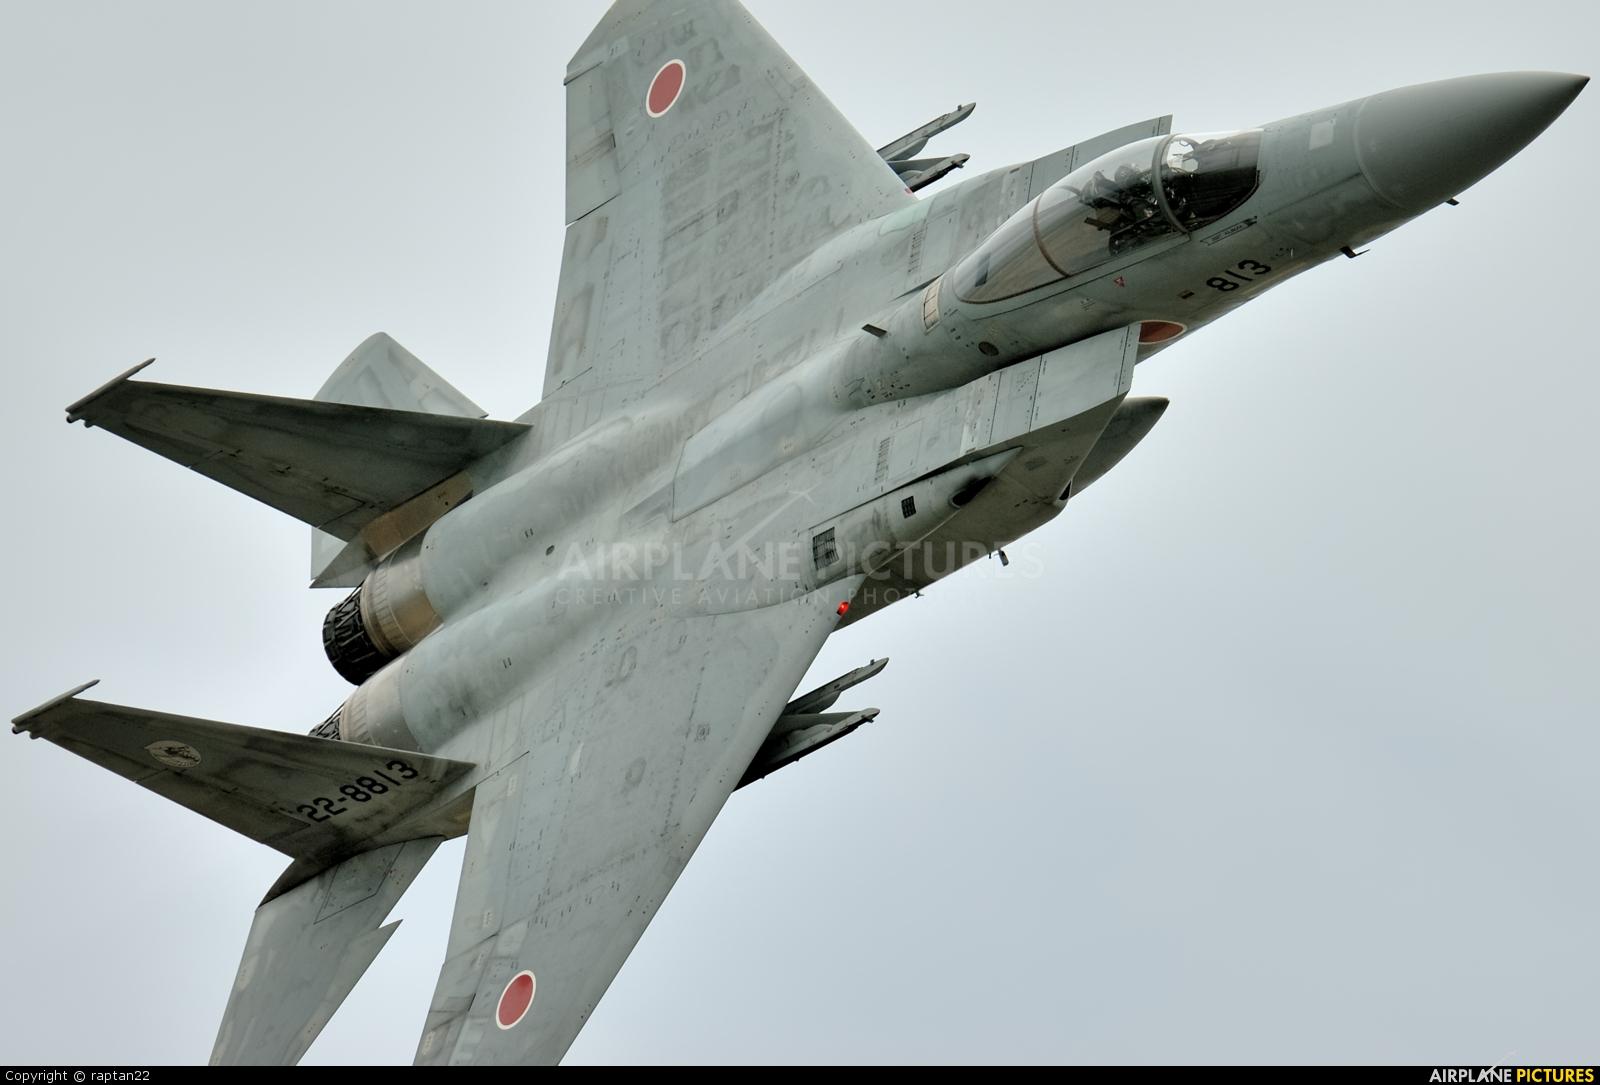 Japan - Air Self Defence Force 22-8813 aircraft at Komatsu